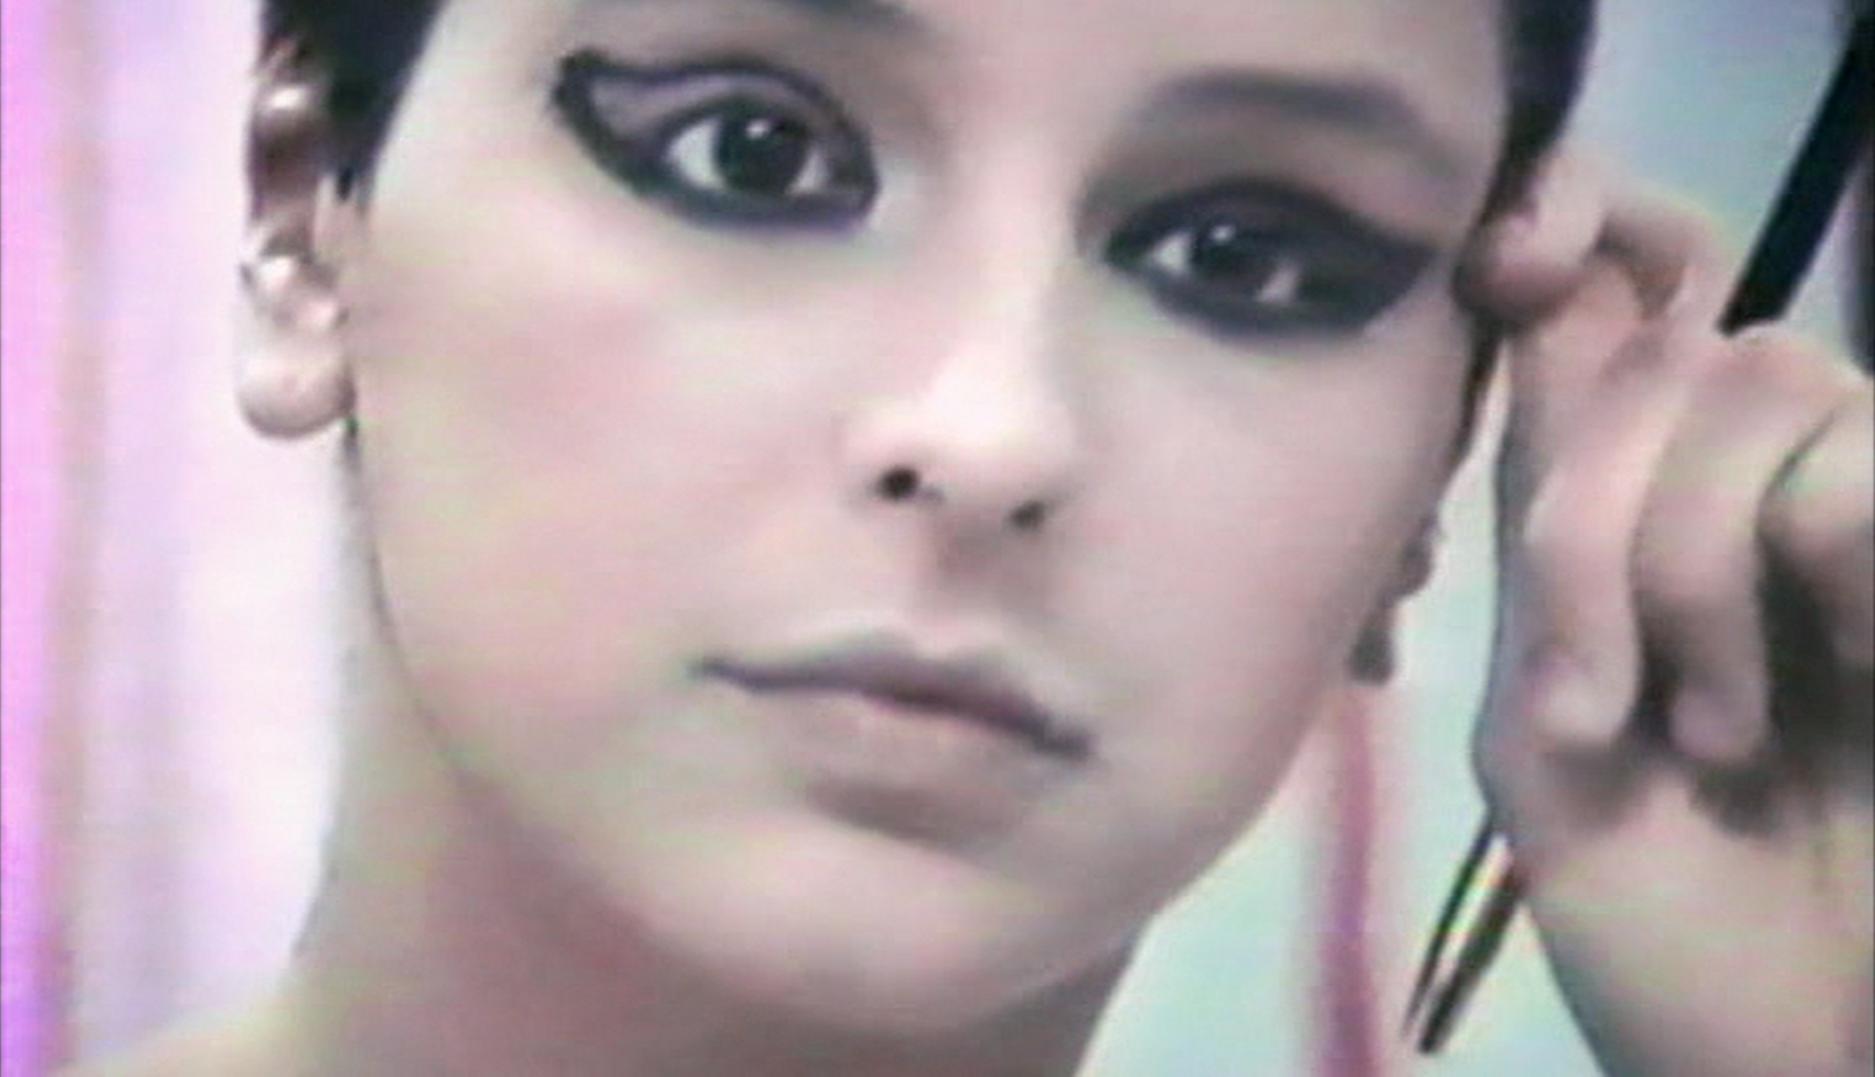 Cena do filme Elena. A imagem mostra Elena adolescente através de um espelho, quando ela se aprontava para uma apresentação de teatro. A imagem é um close em seu rosto, e ela é uma jovem branca, com os cabelos presos, e está fazendo uma maquiagem preta nos olhos.